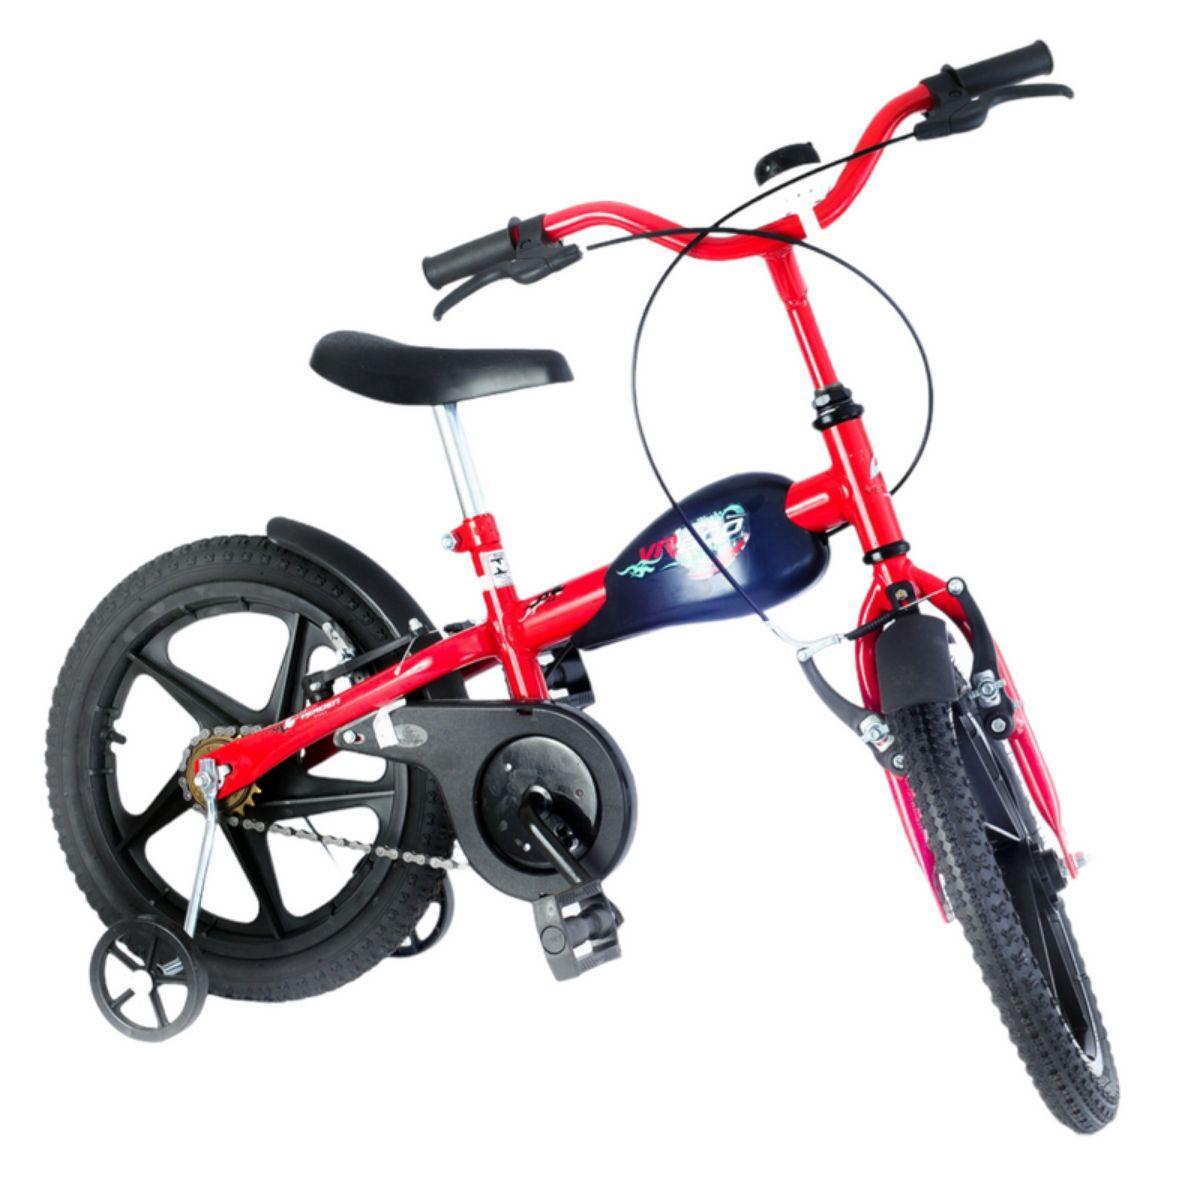 Bicicleta Infantil VR 600 Vermelha Aro 16 com rodinha